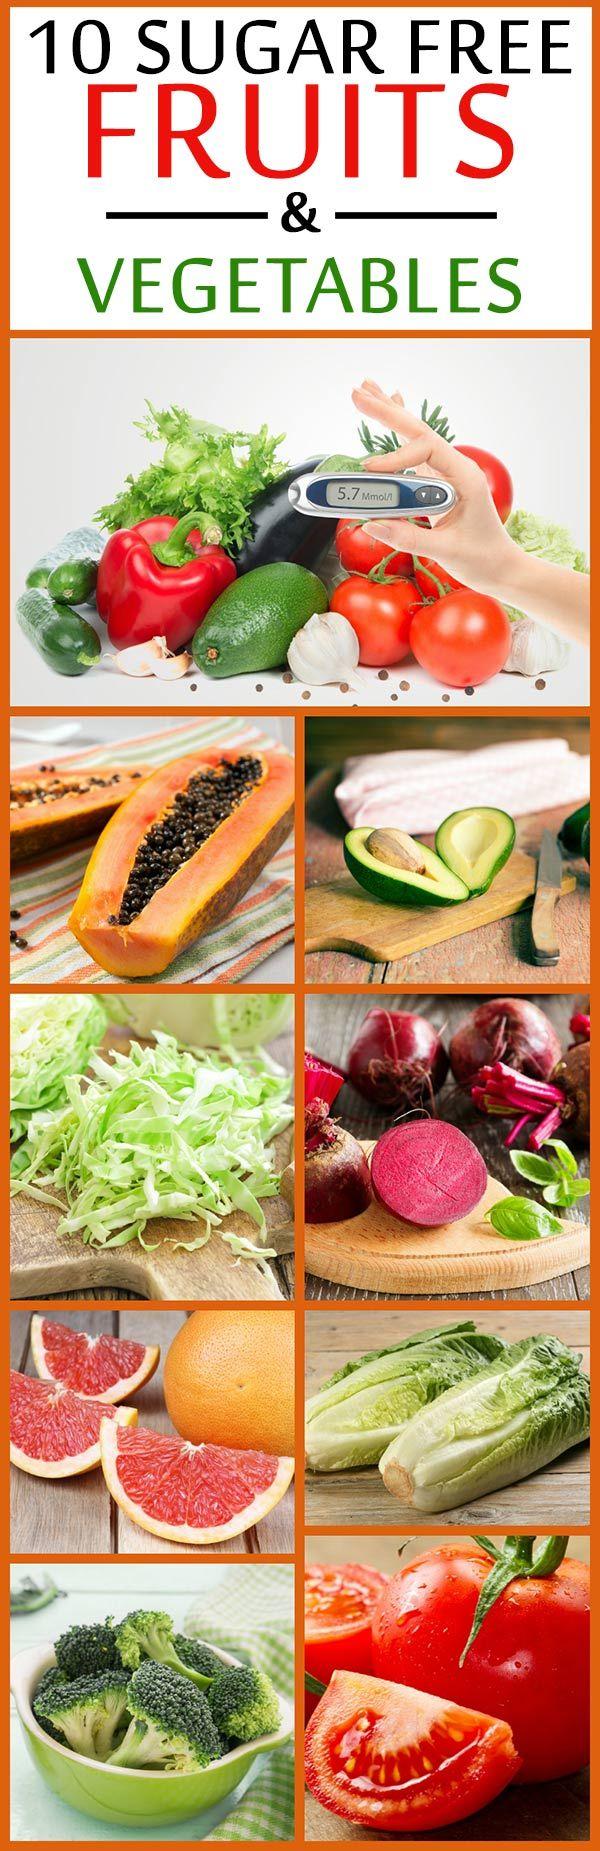 10 Zuckerfreie Obst und Gemüse